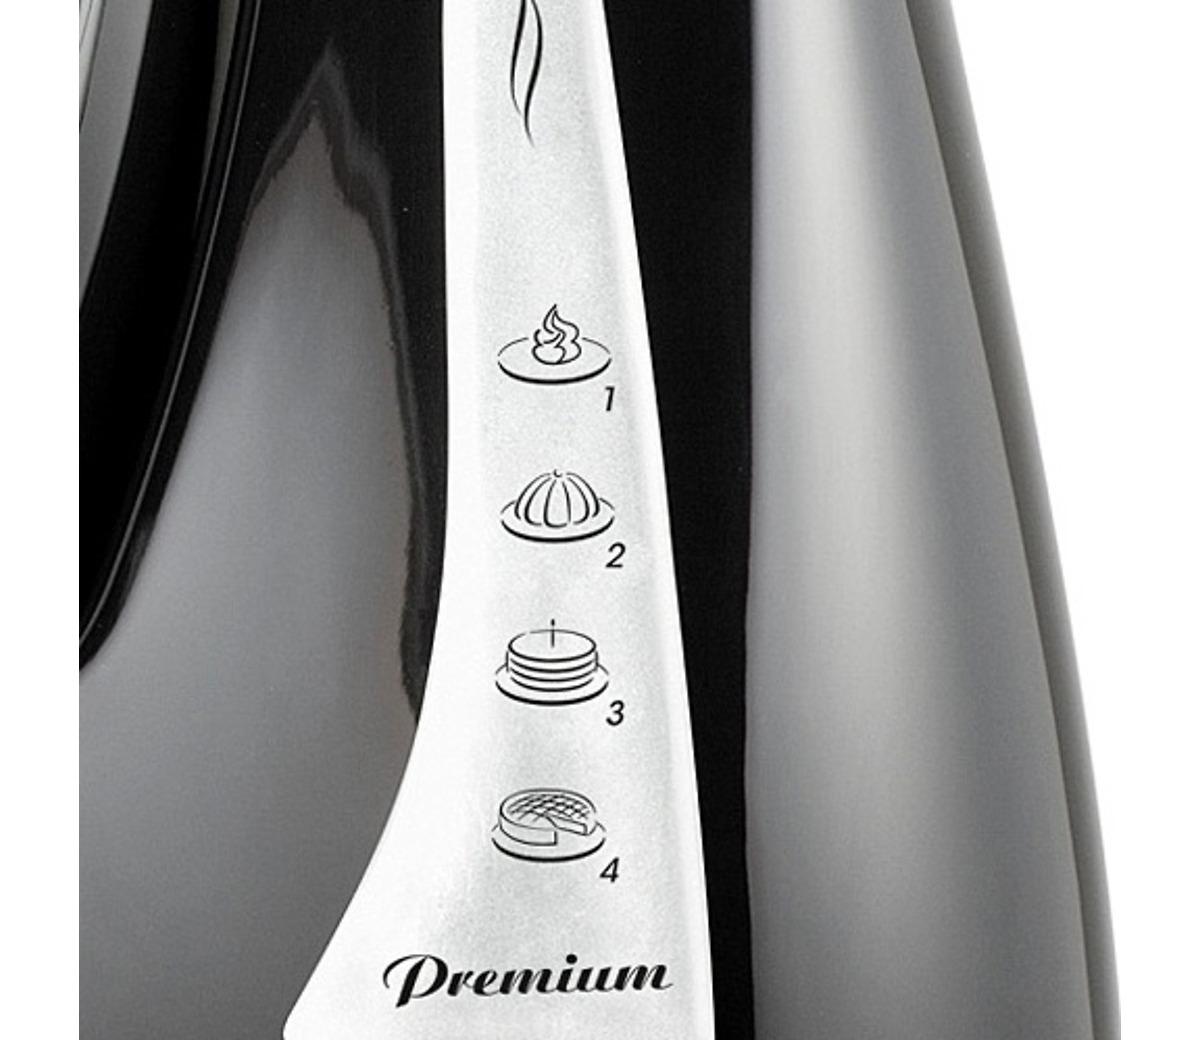 Batedeira Mondial Premium B-04 Preta 127V  - ShopNoroeste.com.br